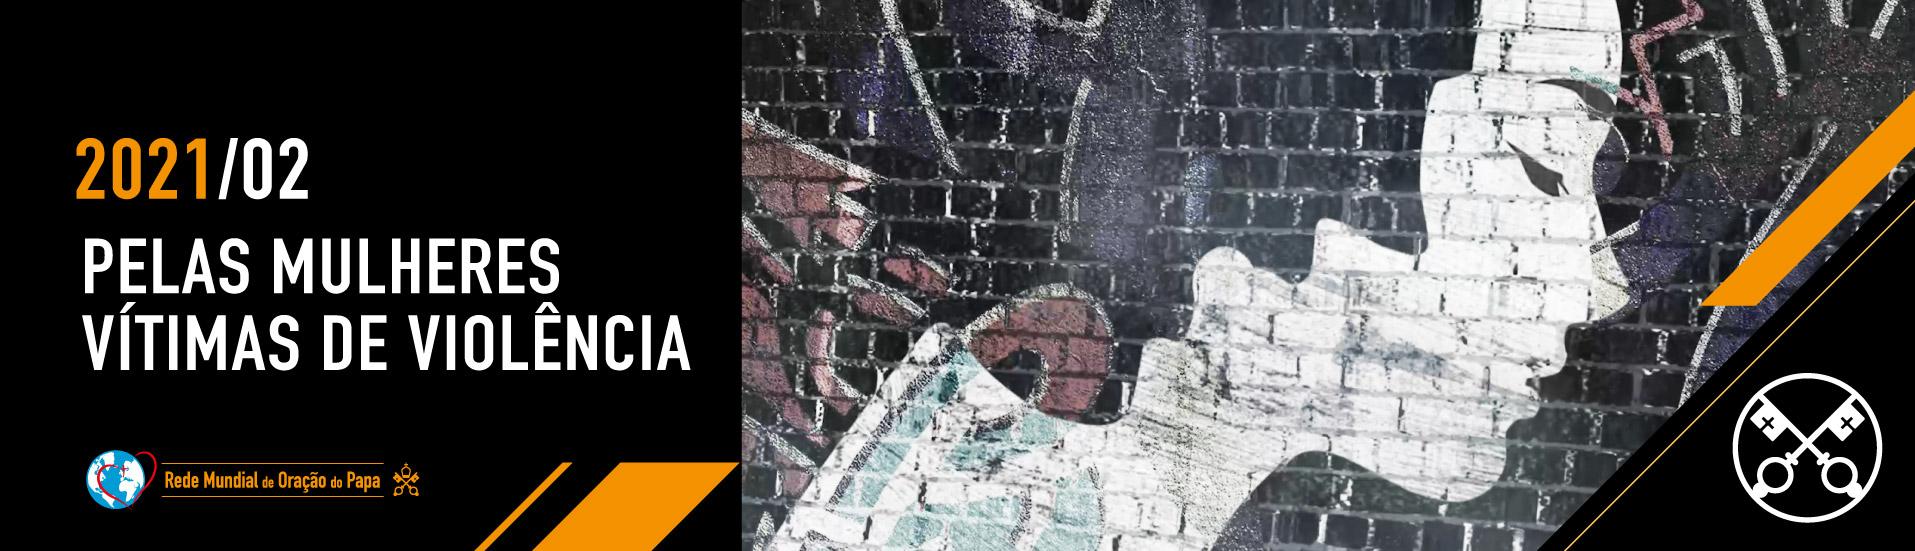 2 2021 PT - O Video do Papa - 1915x550 Pelas mulheres vítimas de violência